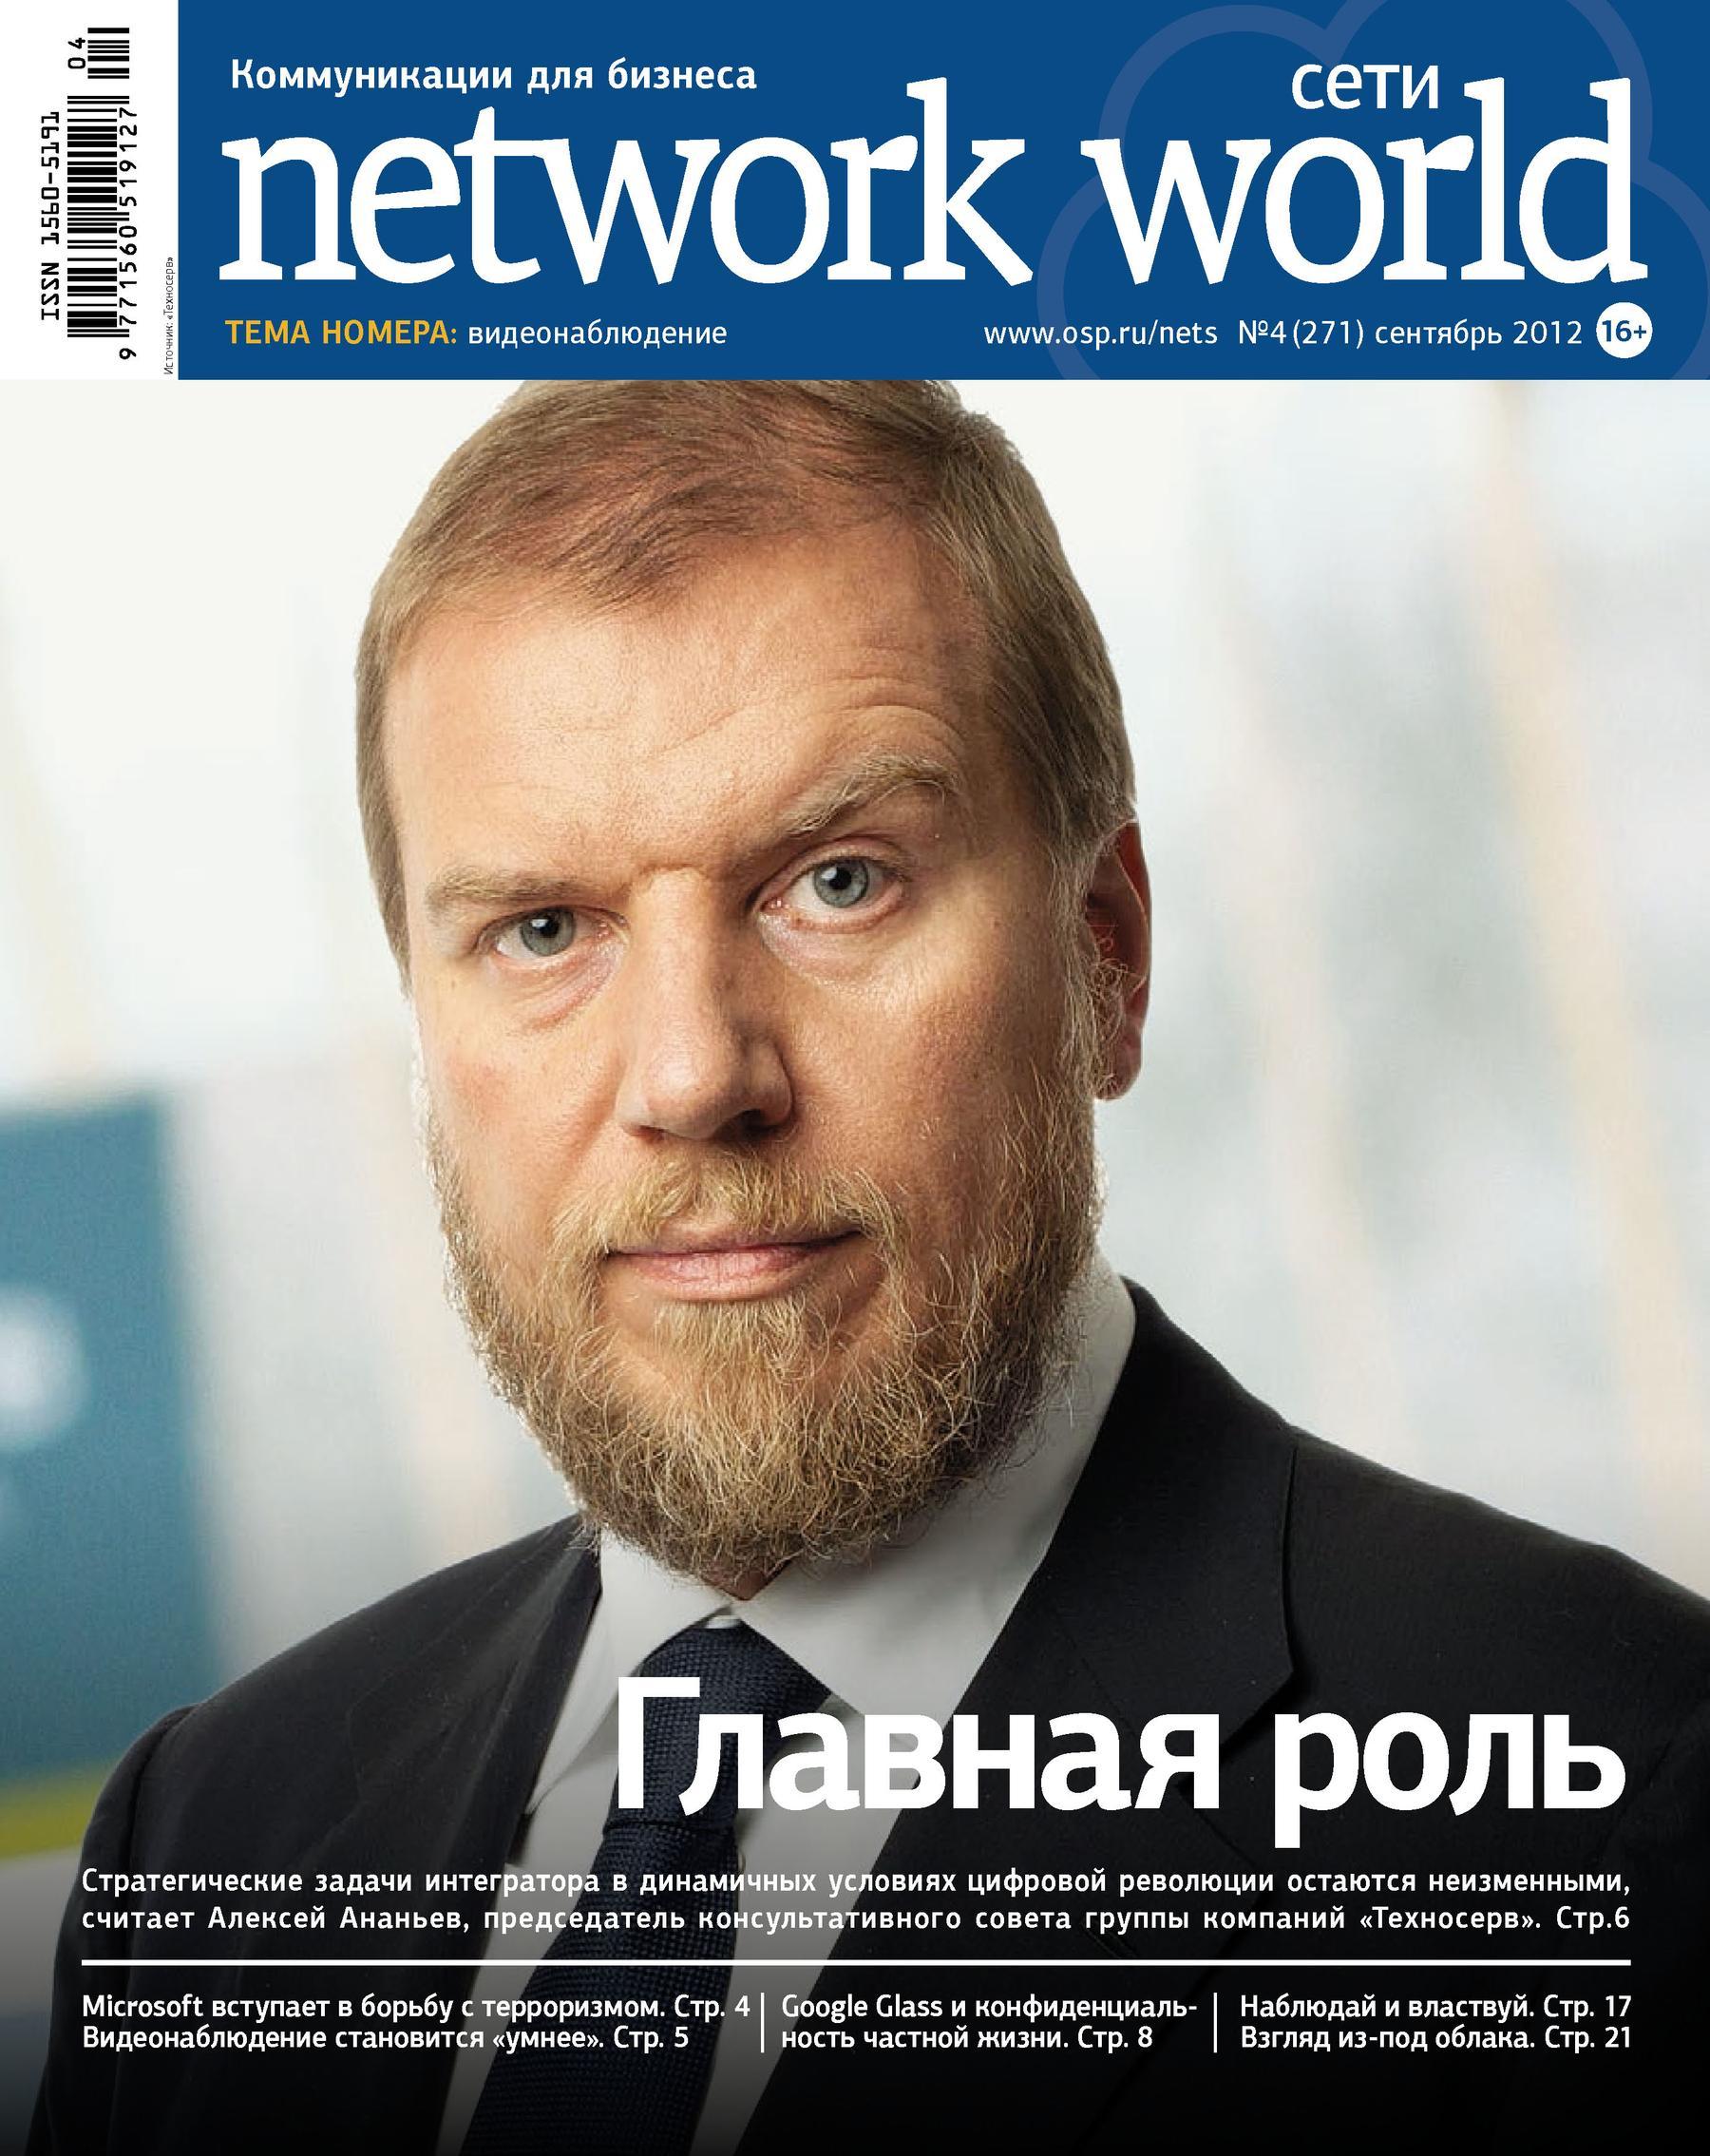 Открытые системы Сети / Network World №04/2012 открытые системы сети network world 06 2012